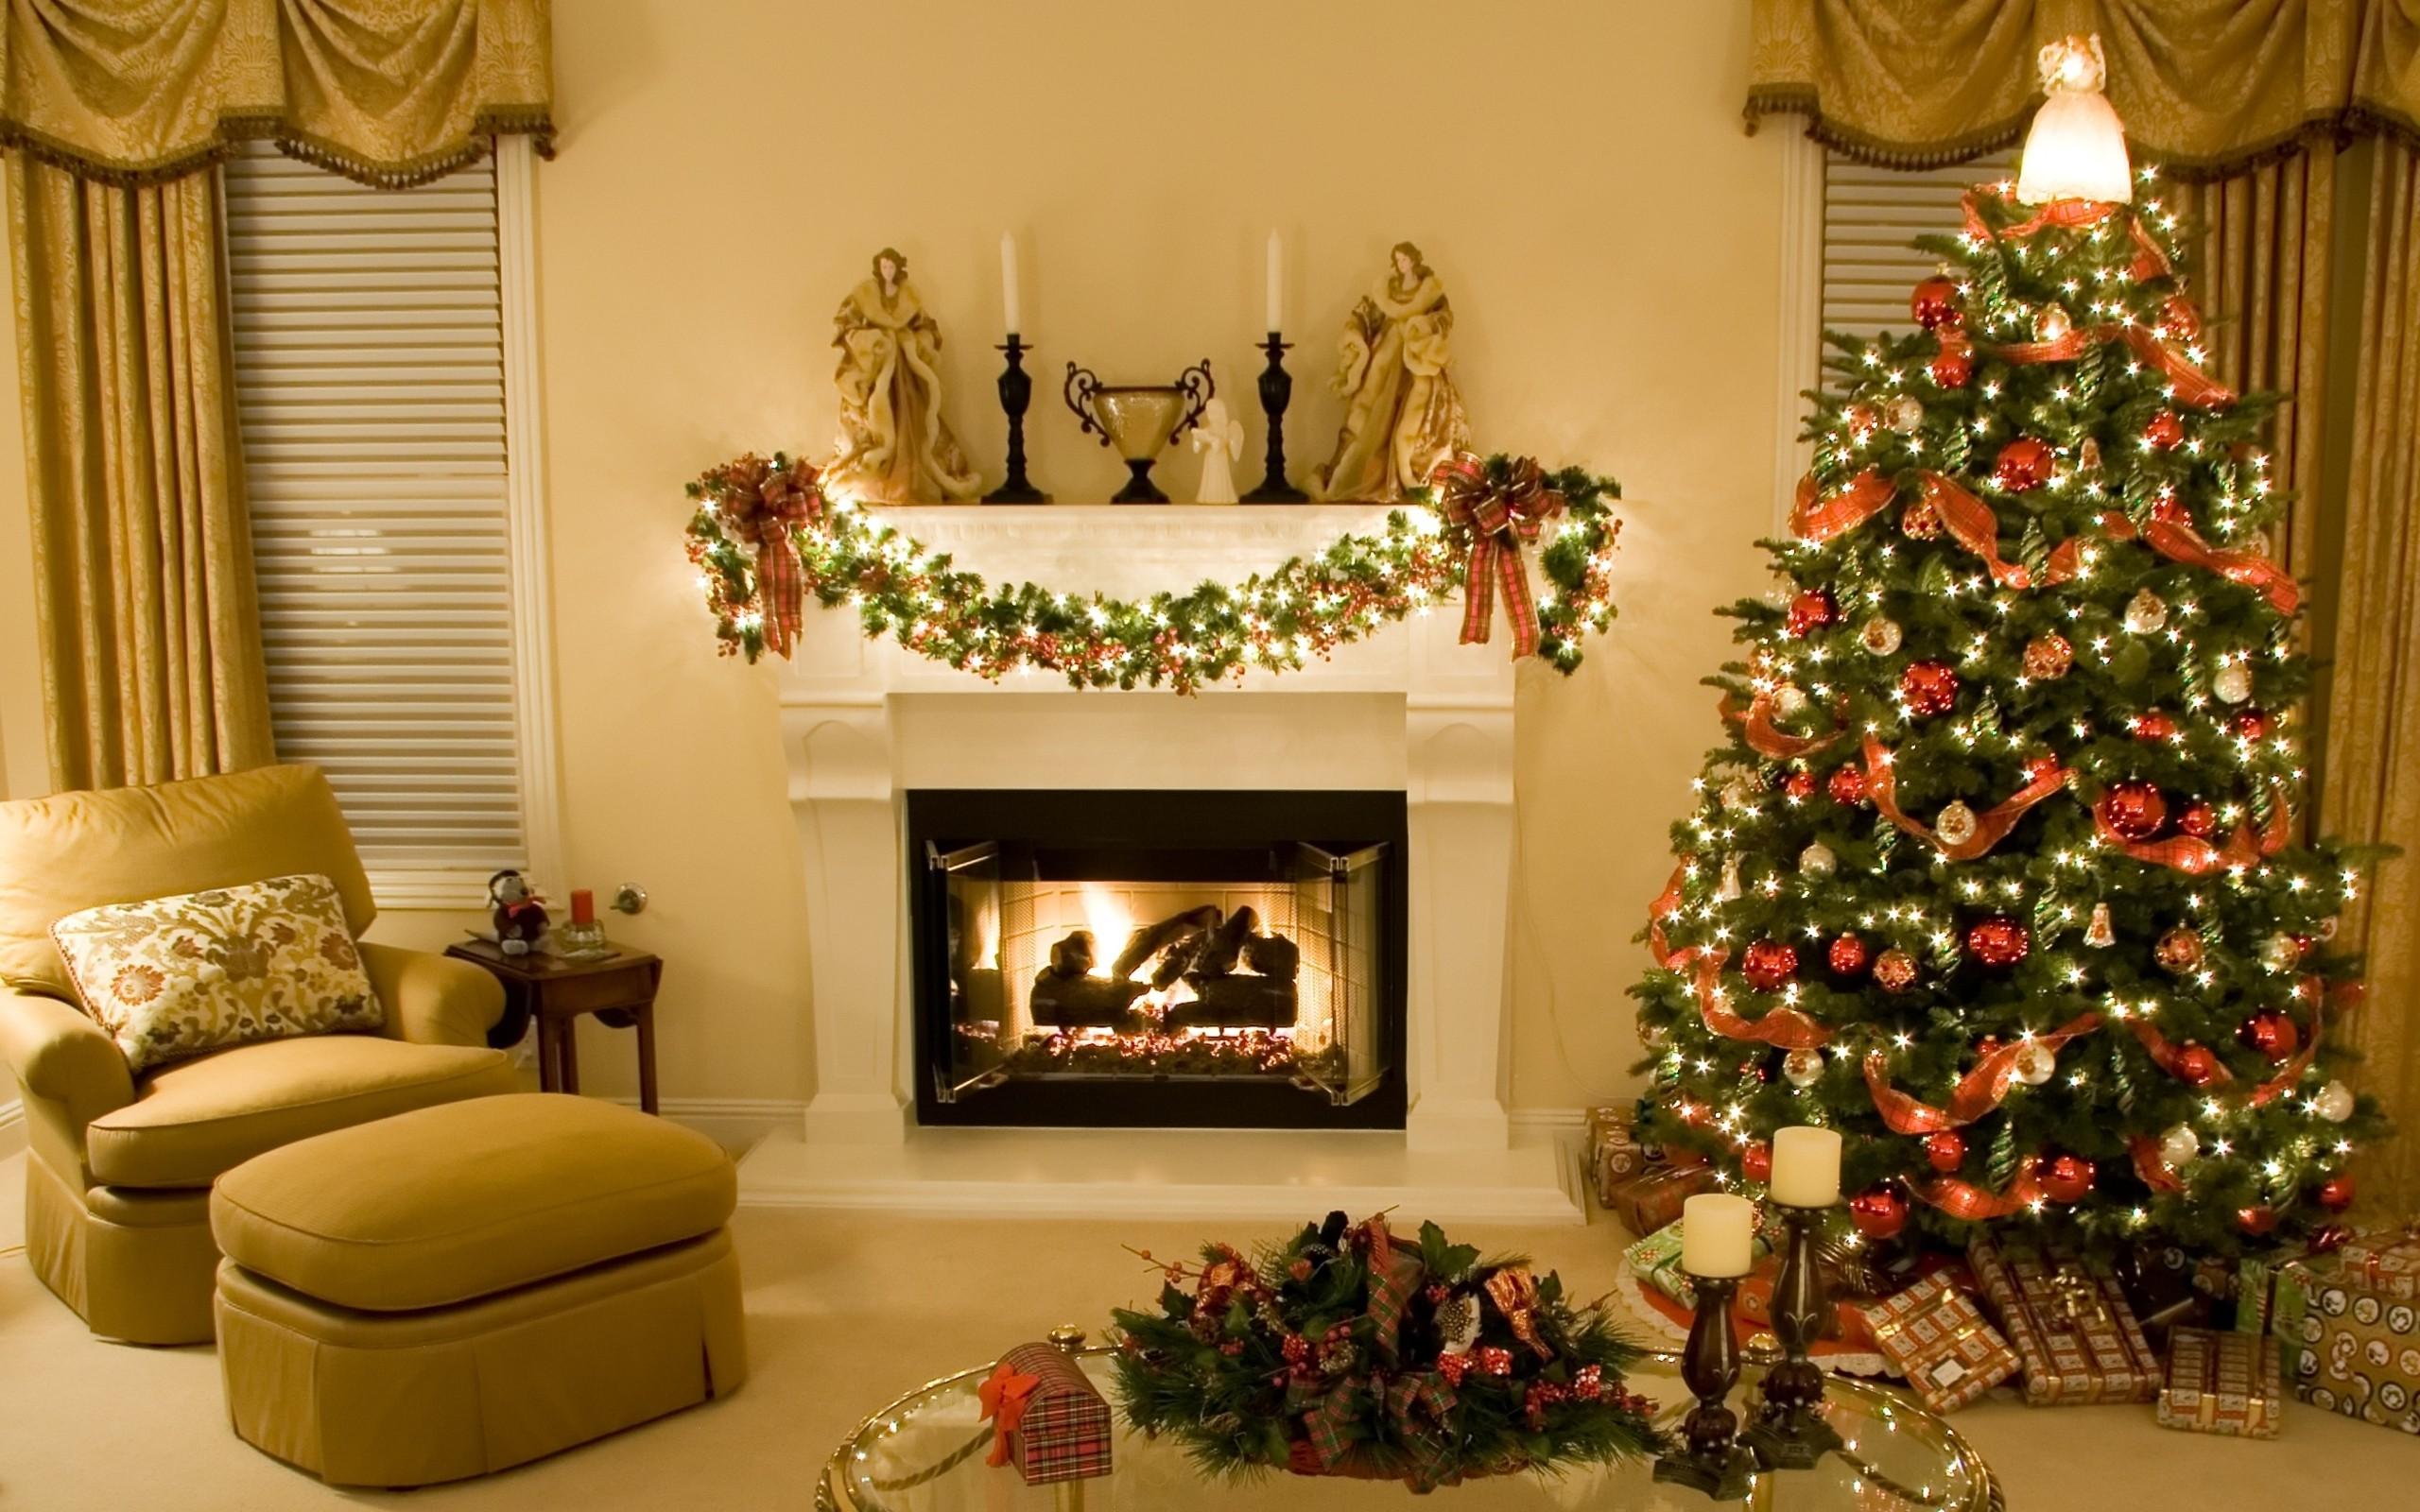 Arbol de navidad en casa - 2560x1600